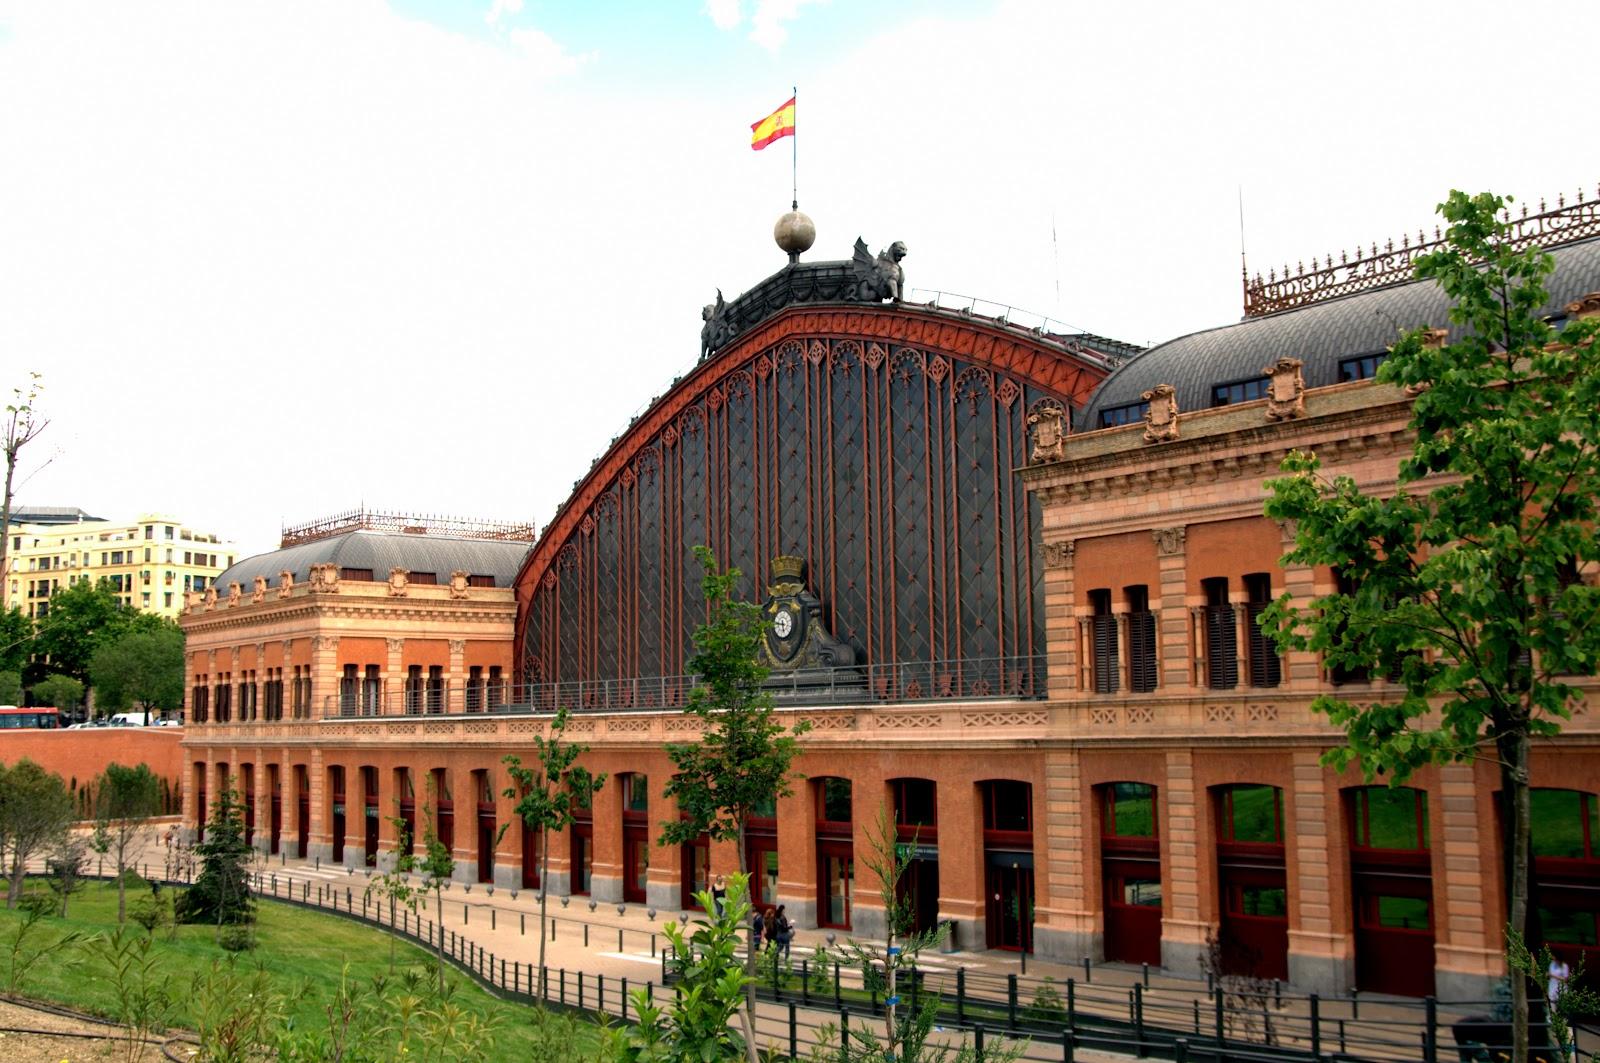 Estación_de_Atocha_(Madrid)_12.jpg